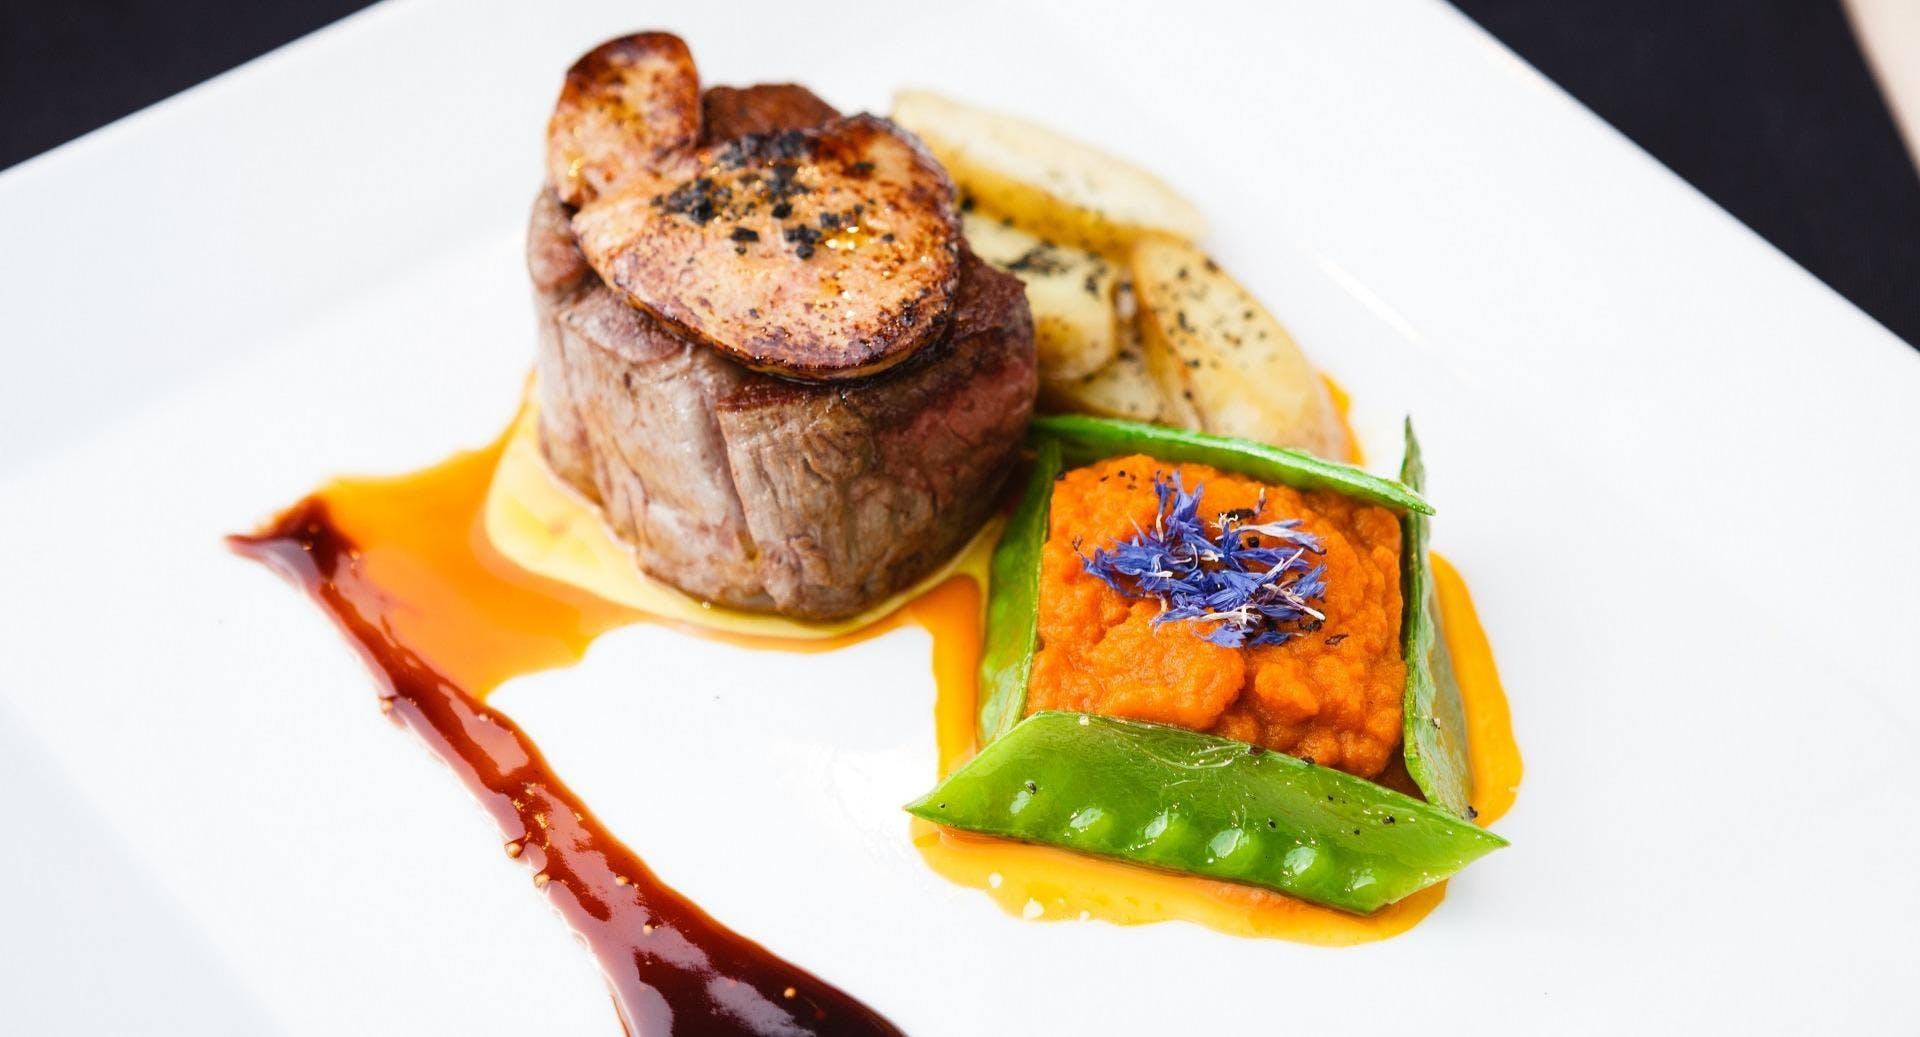 Restaurant Anna Seibert feine regionale Küche by Benedikt Frechen Rheinbach image 2